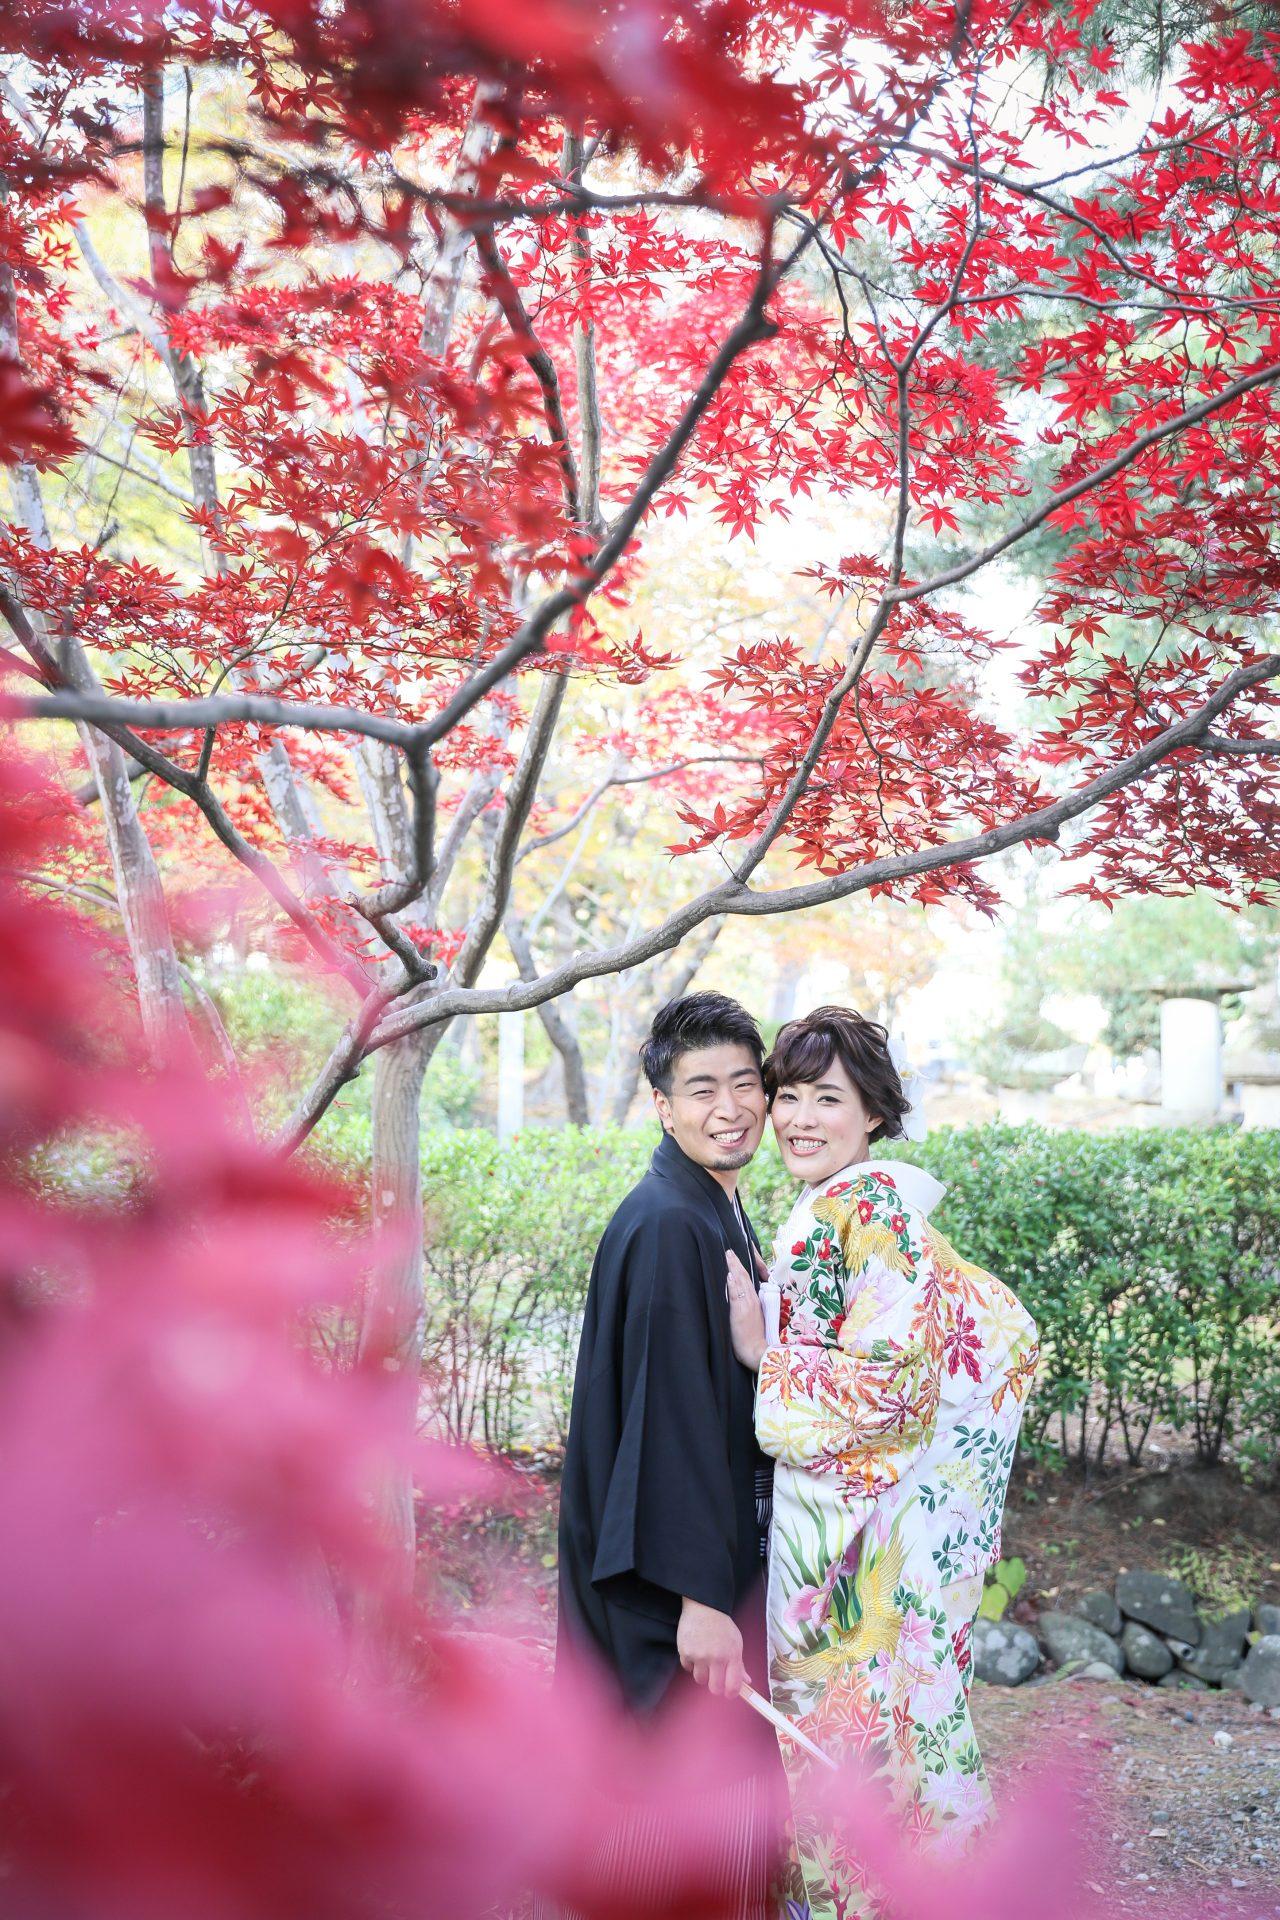 目が覚めるような赤い紅葉の中で寄り添う和装がお似合いのご新郎ご新婦様